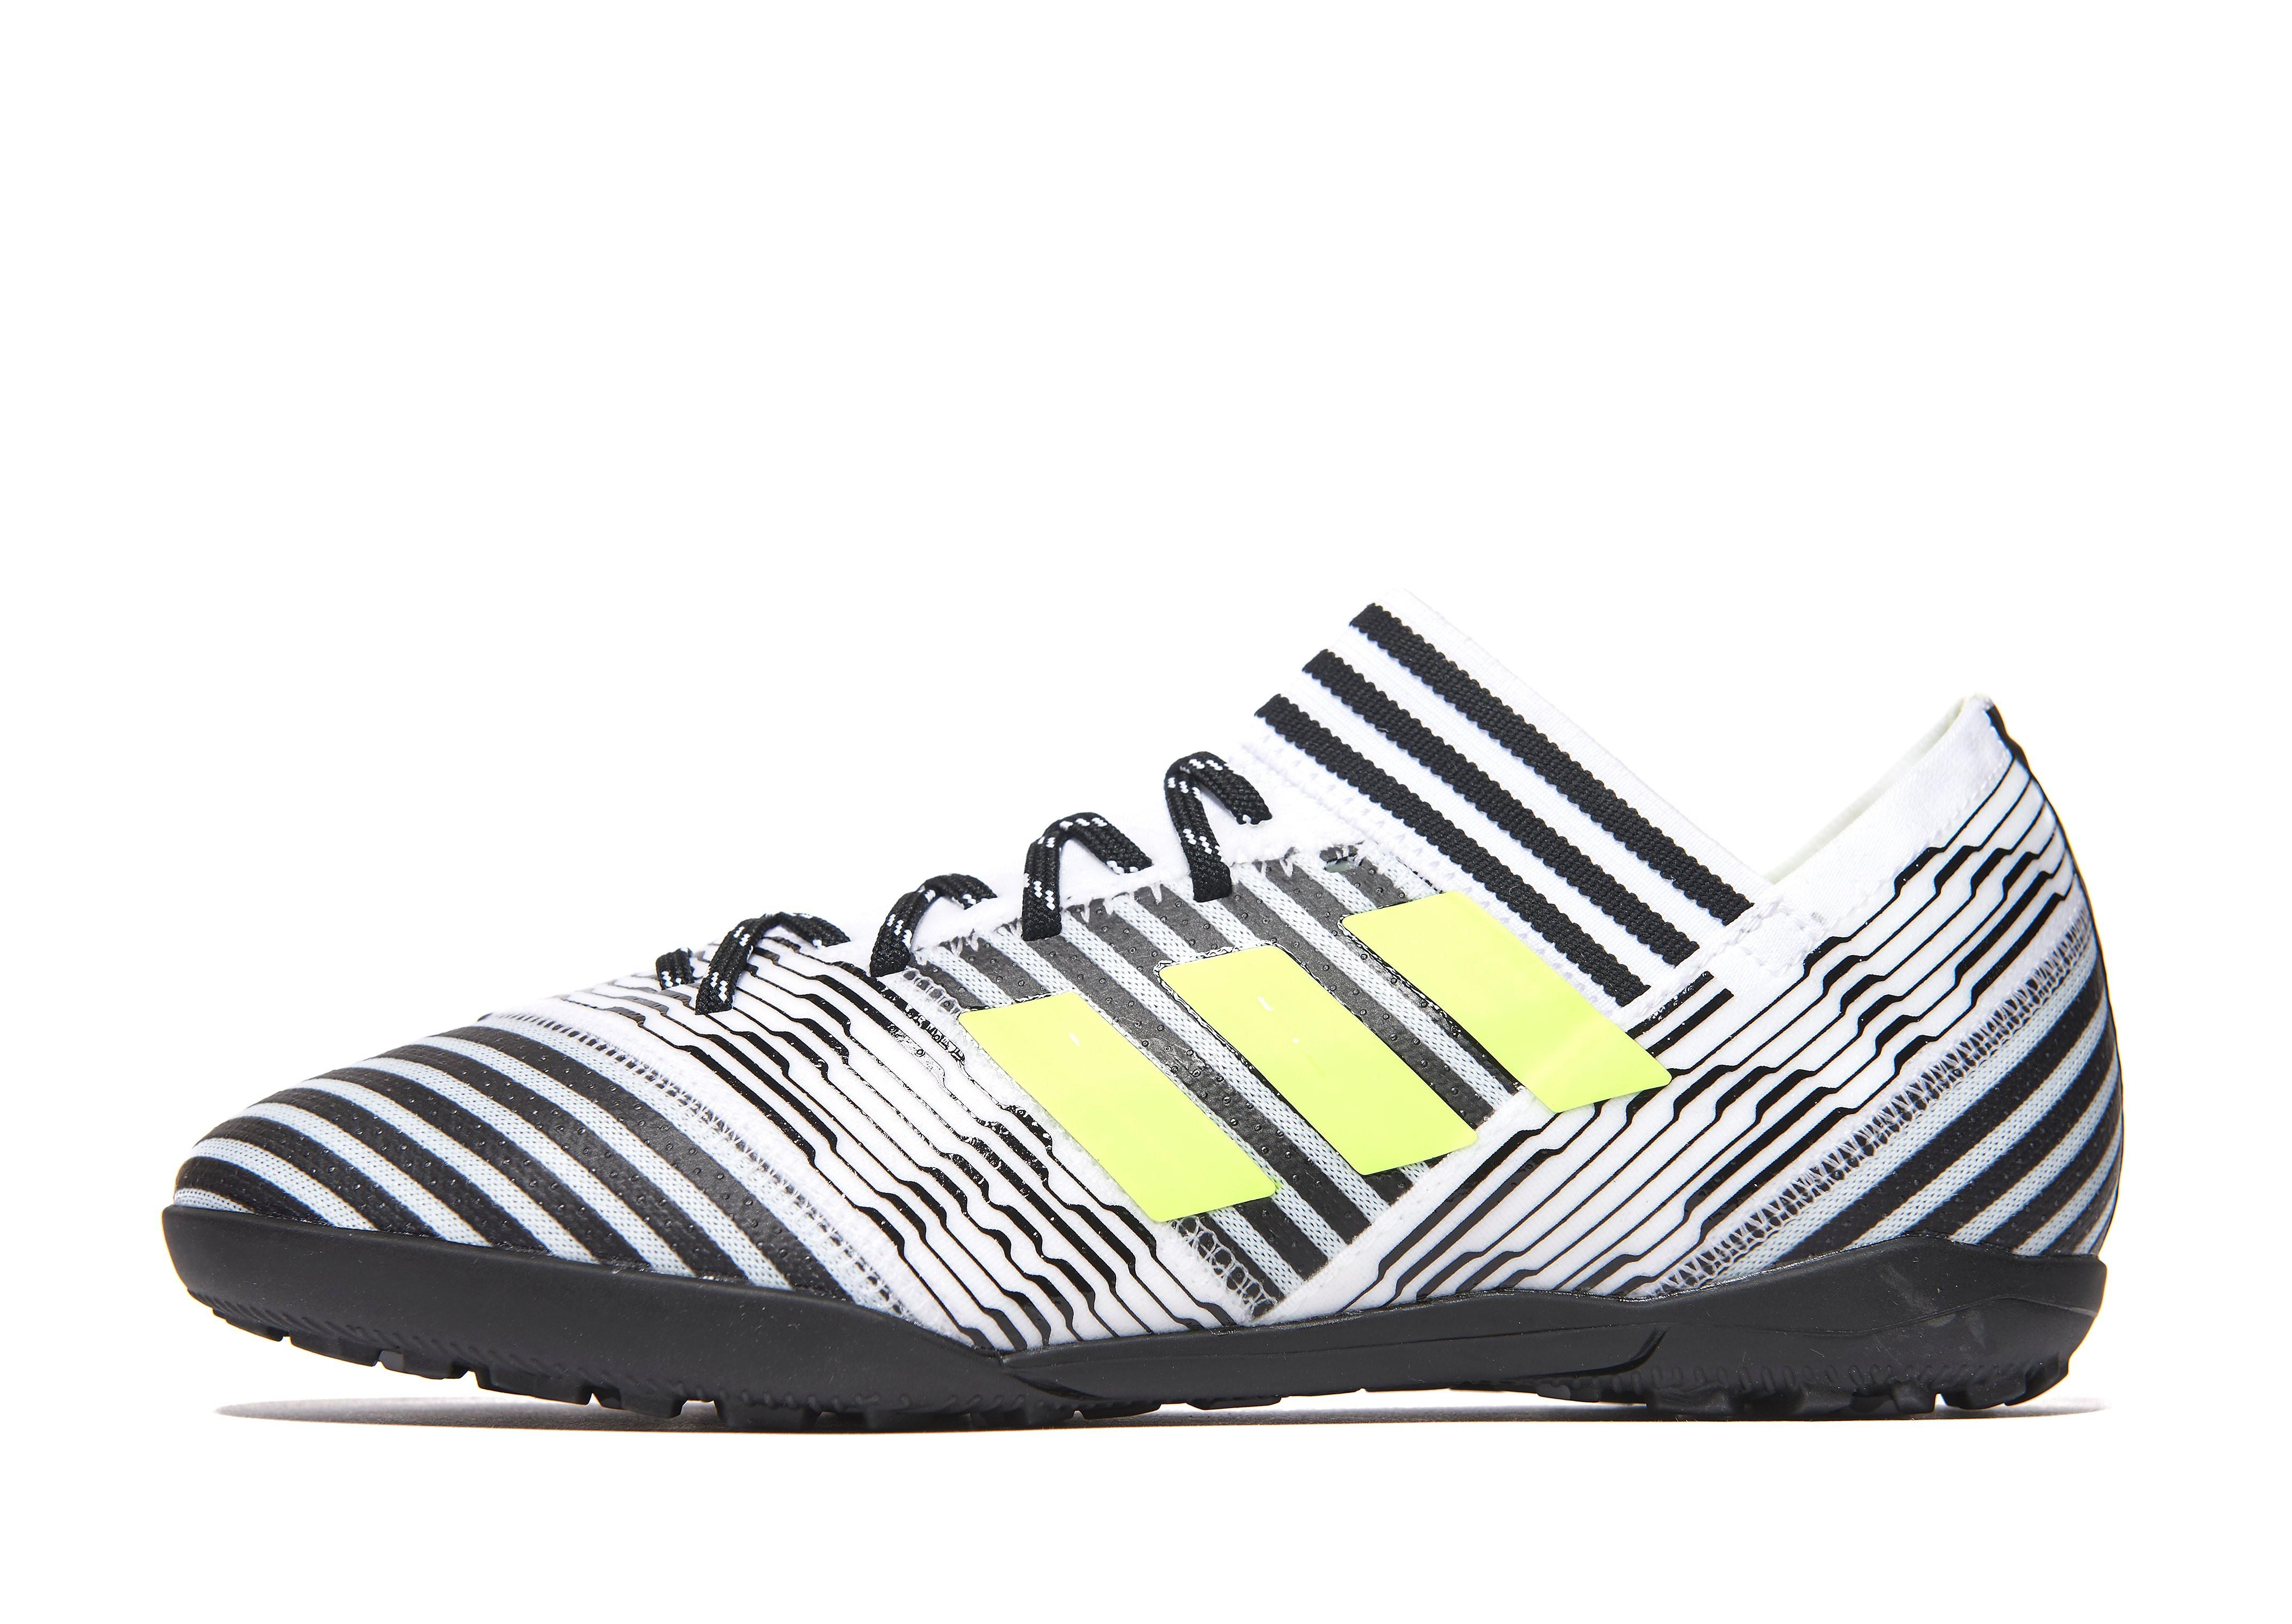 adidas Dust Storm Nemeziz Tango 17.3 Turf Junior